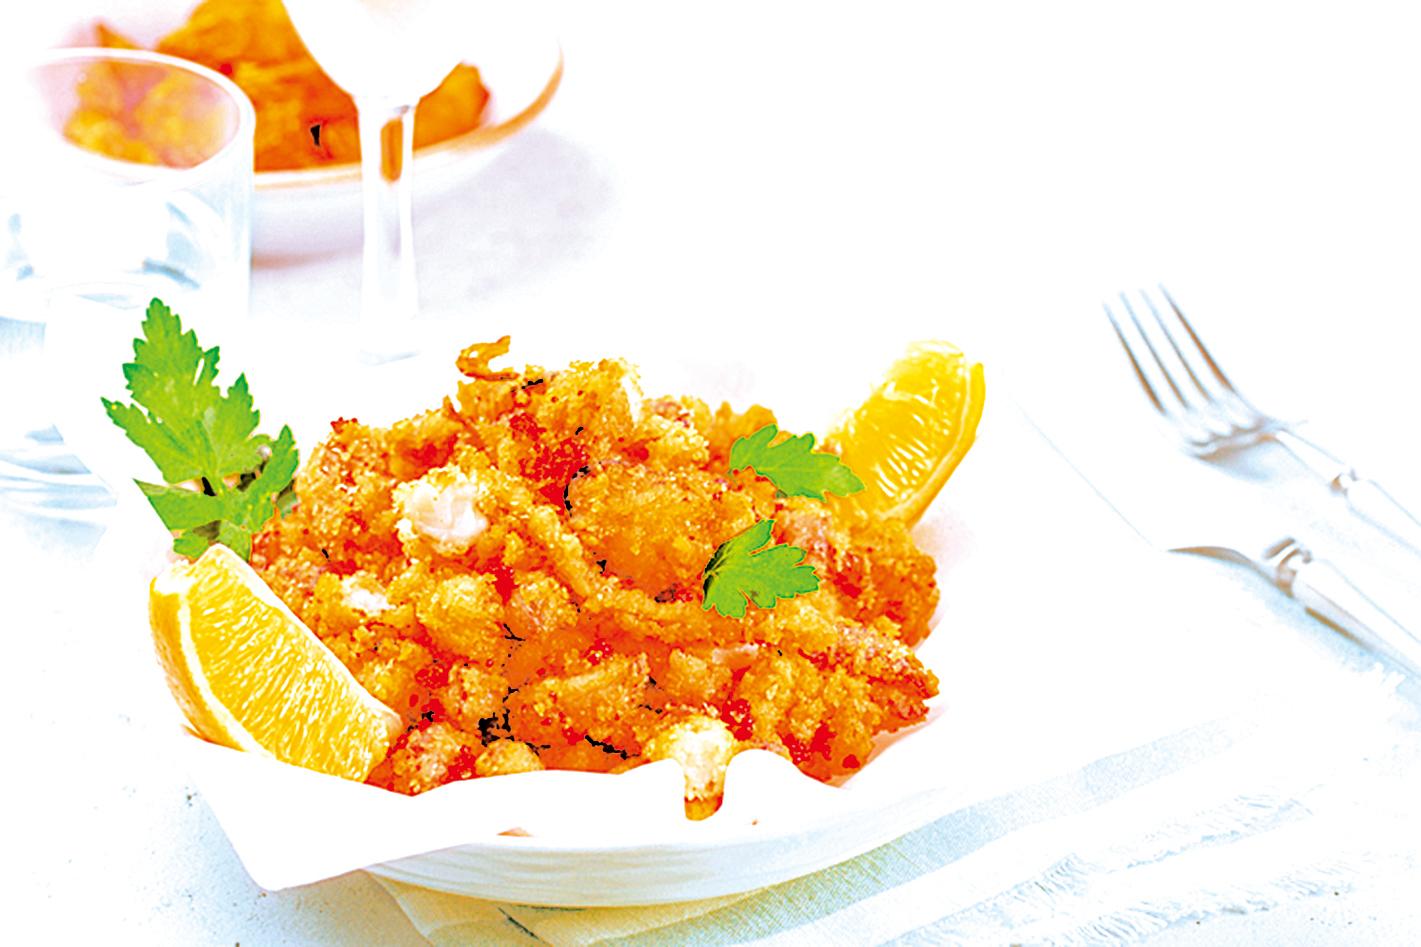 在炸海鮮拼盤中加入香草,讓料理味道更豐富。